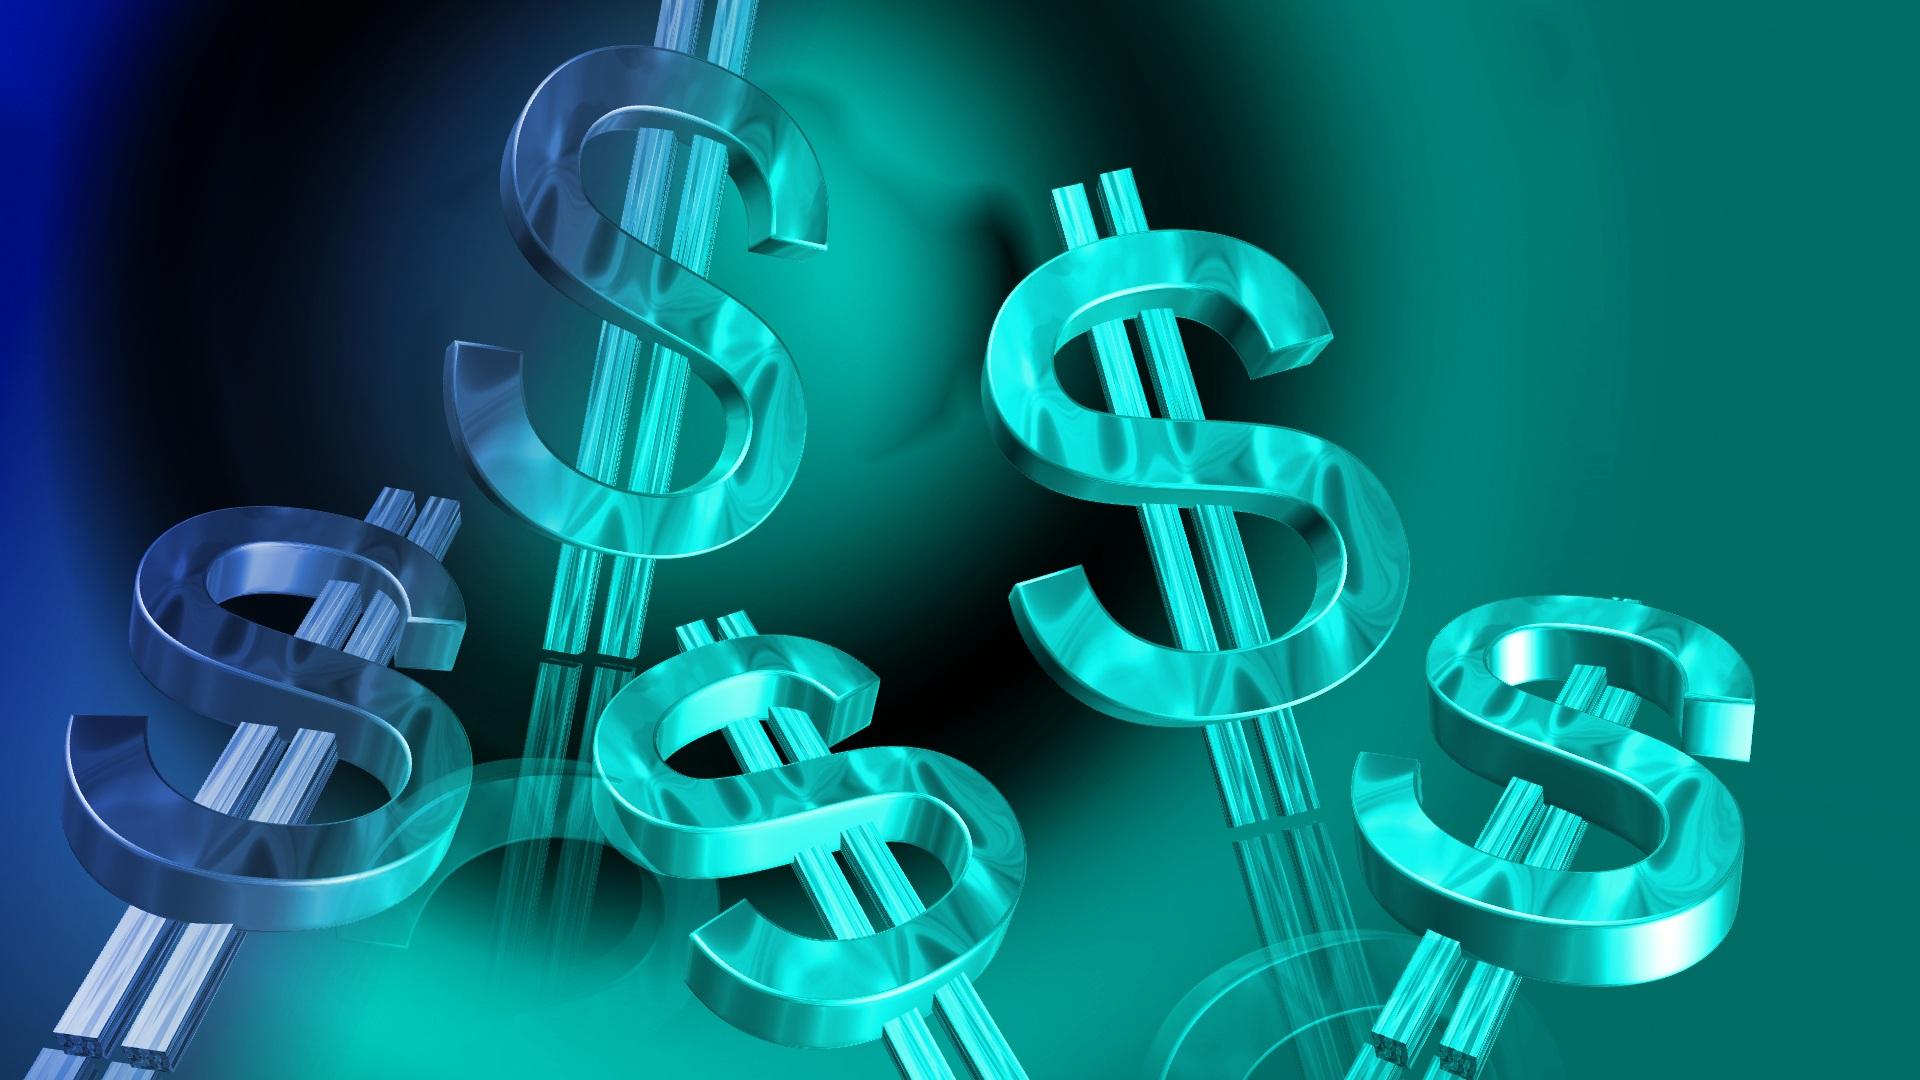 simbolo dinero 2